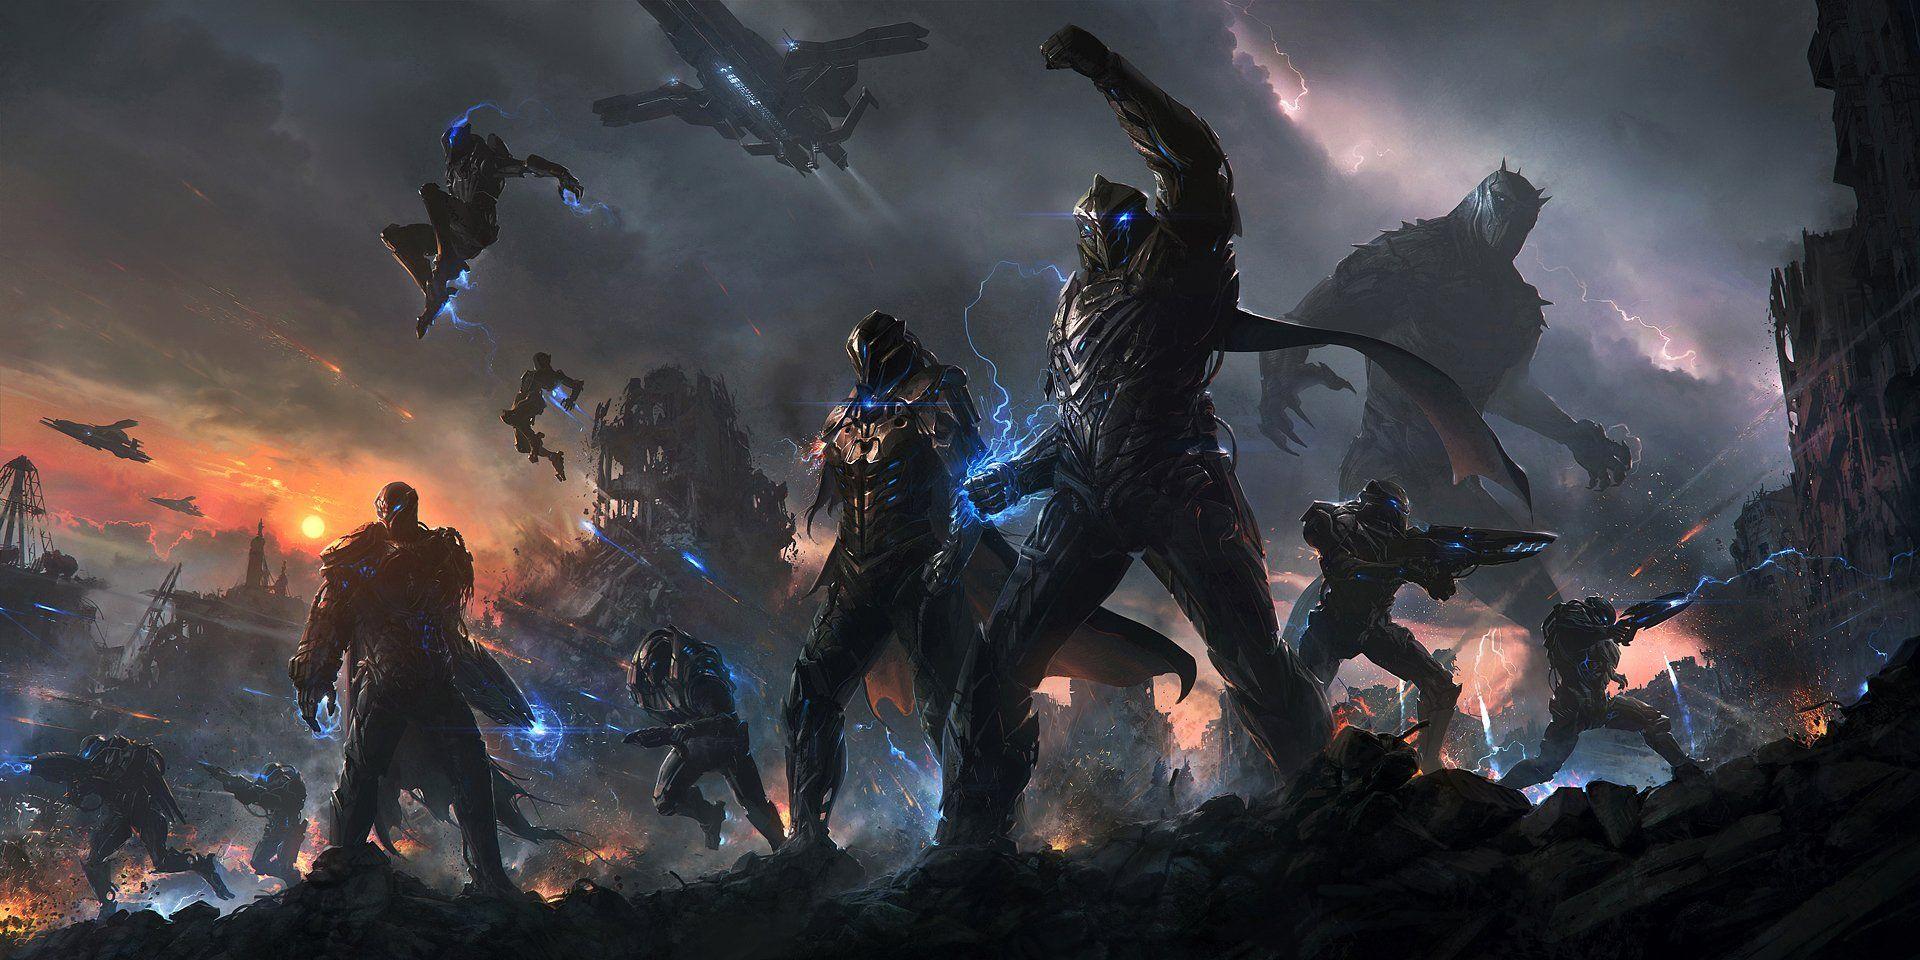 Sci Fi War Sci Fi Battle Soldier Wallpaper Concept Art World